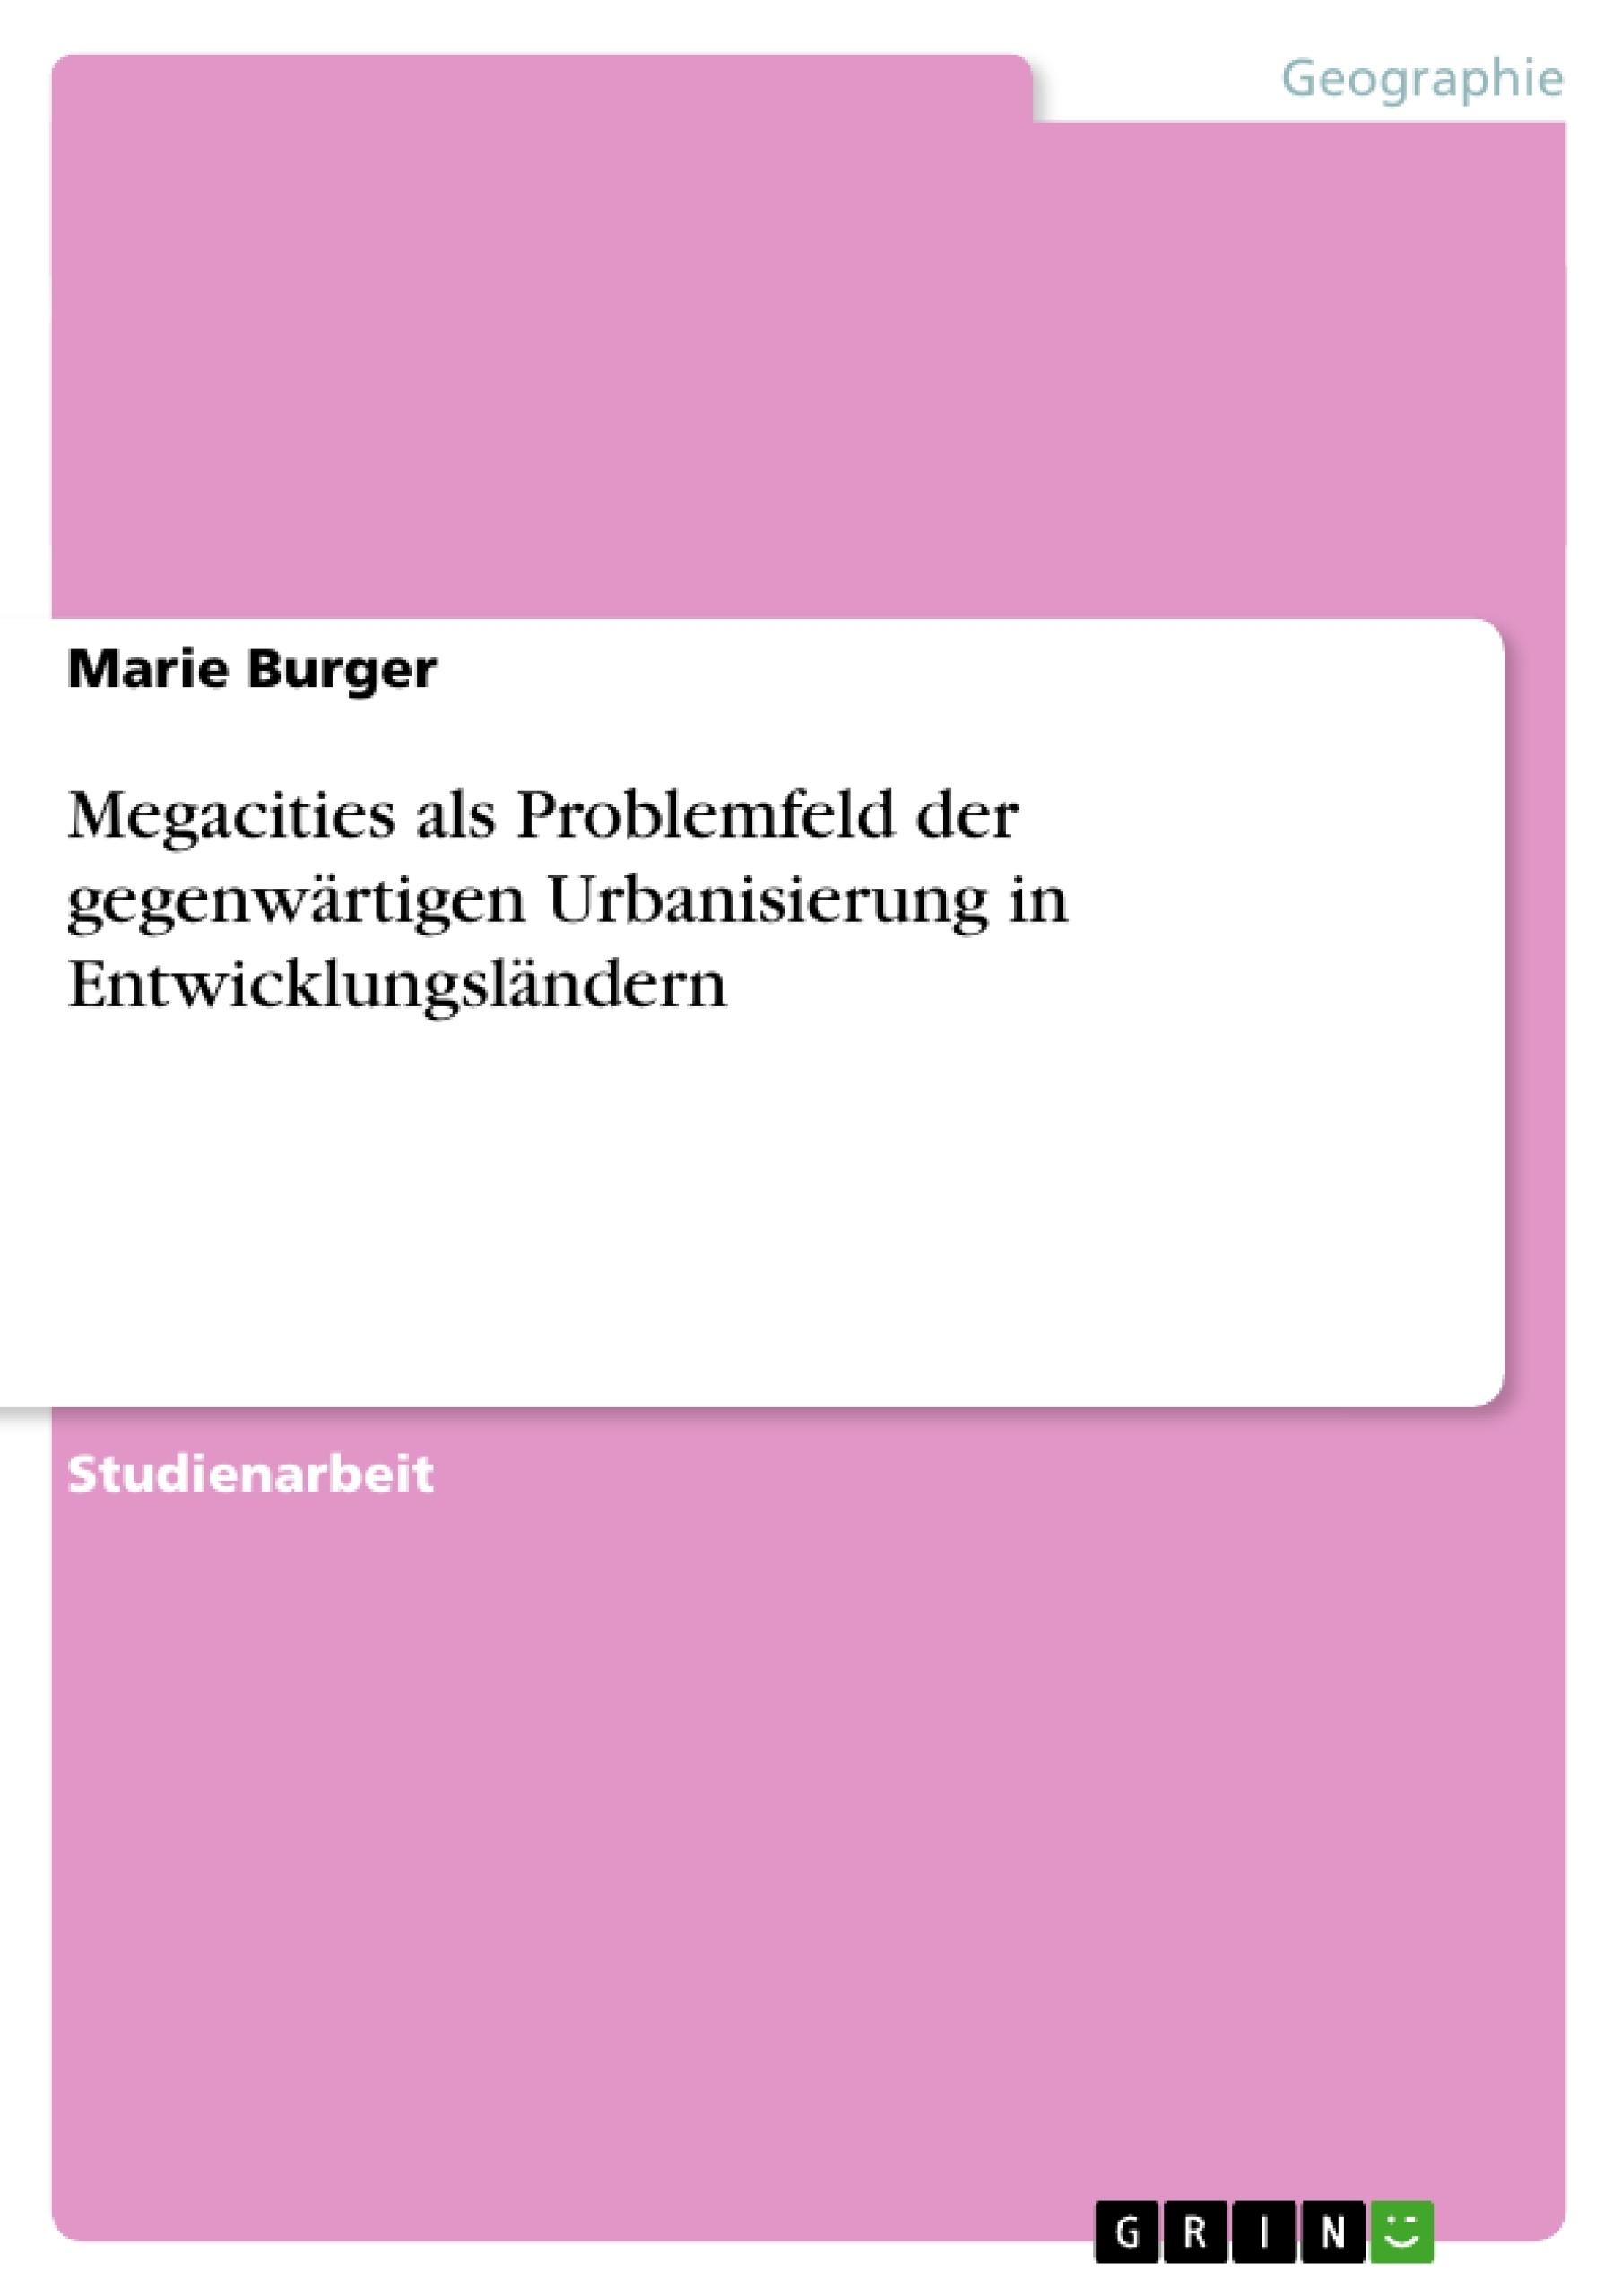 Titel: Megacities als Problemfeld der gegenwärtigen Urbanisierung in Entwicklungsländern